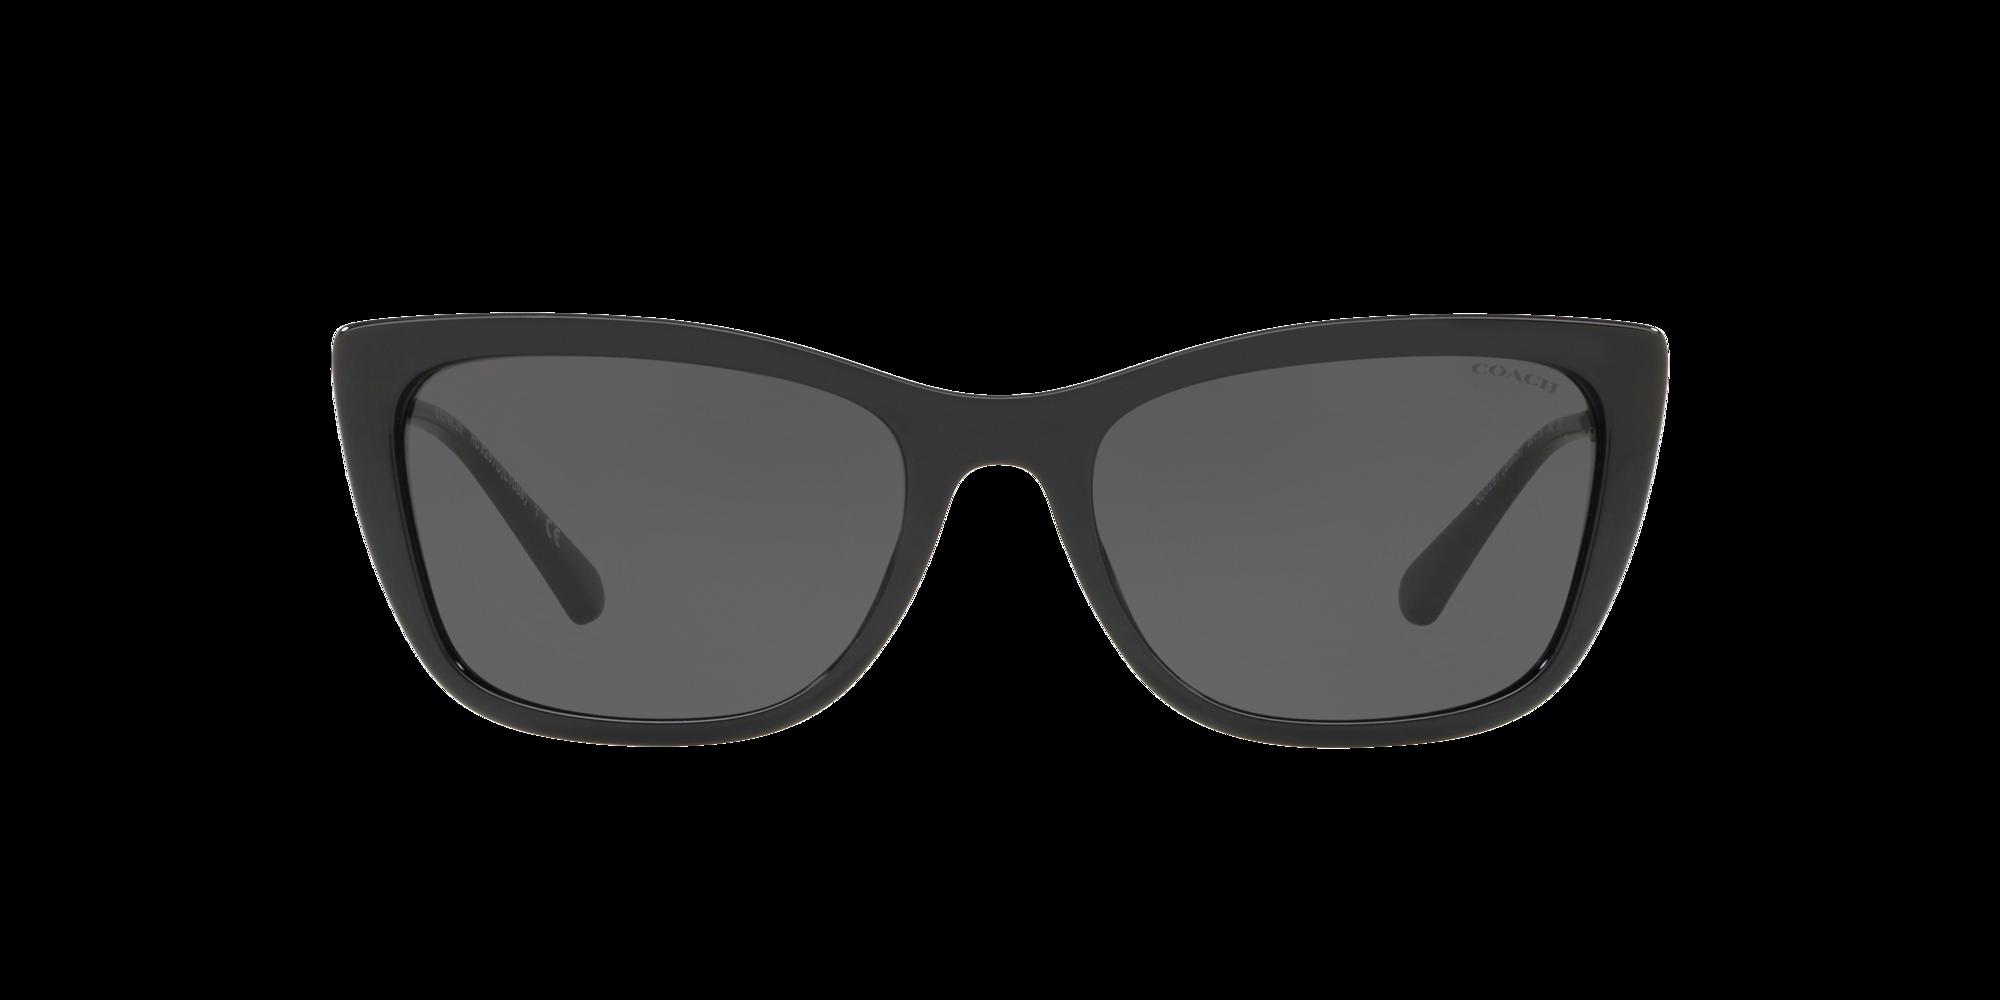 Imagen para HC8257U 55 L1065 de LensCrafters |  Espejuelos, espejuelos graduados en línea, gafas